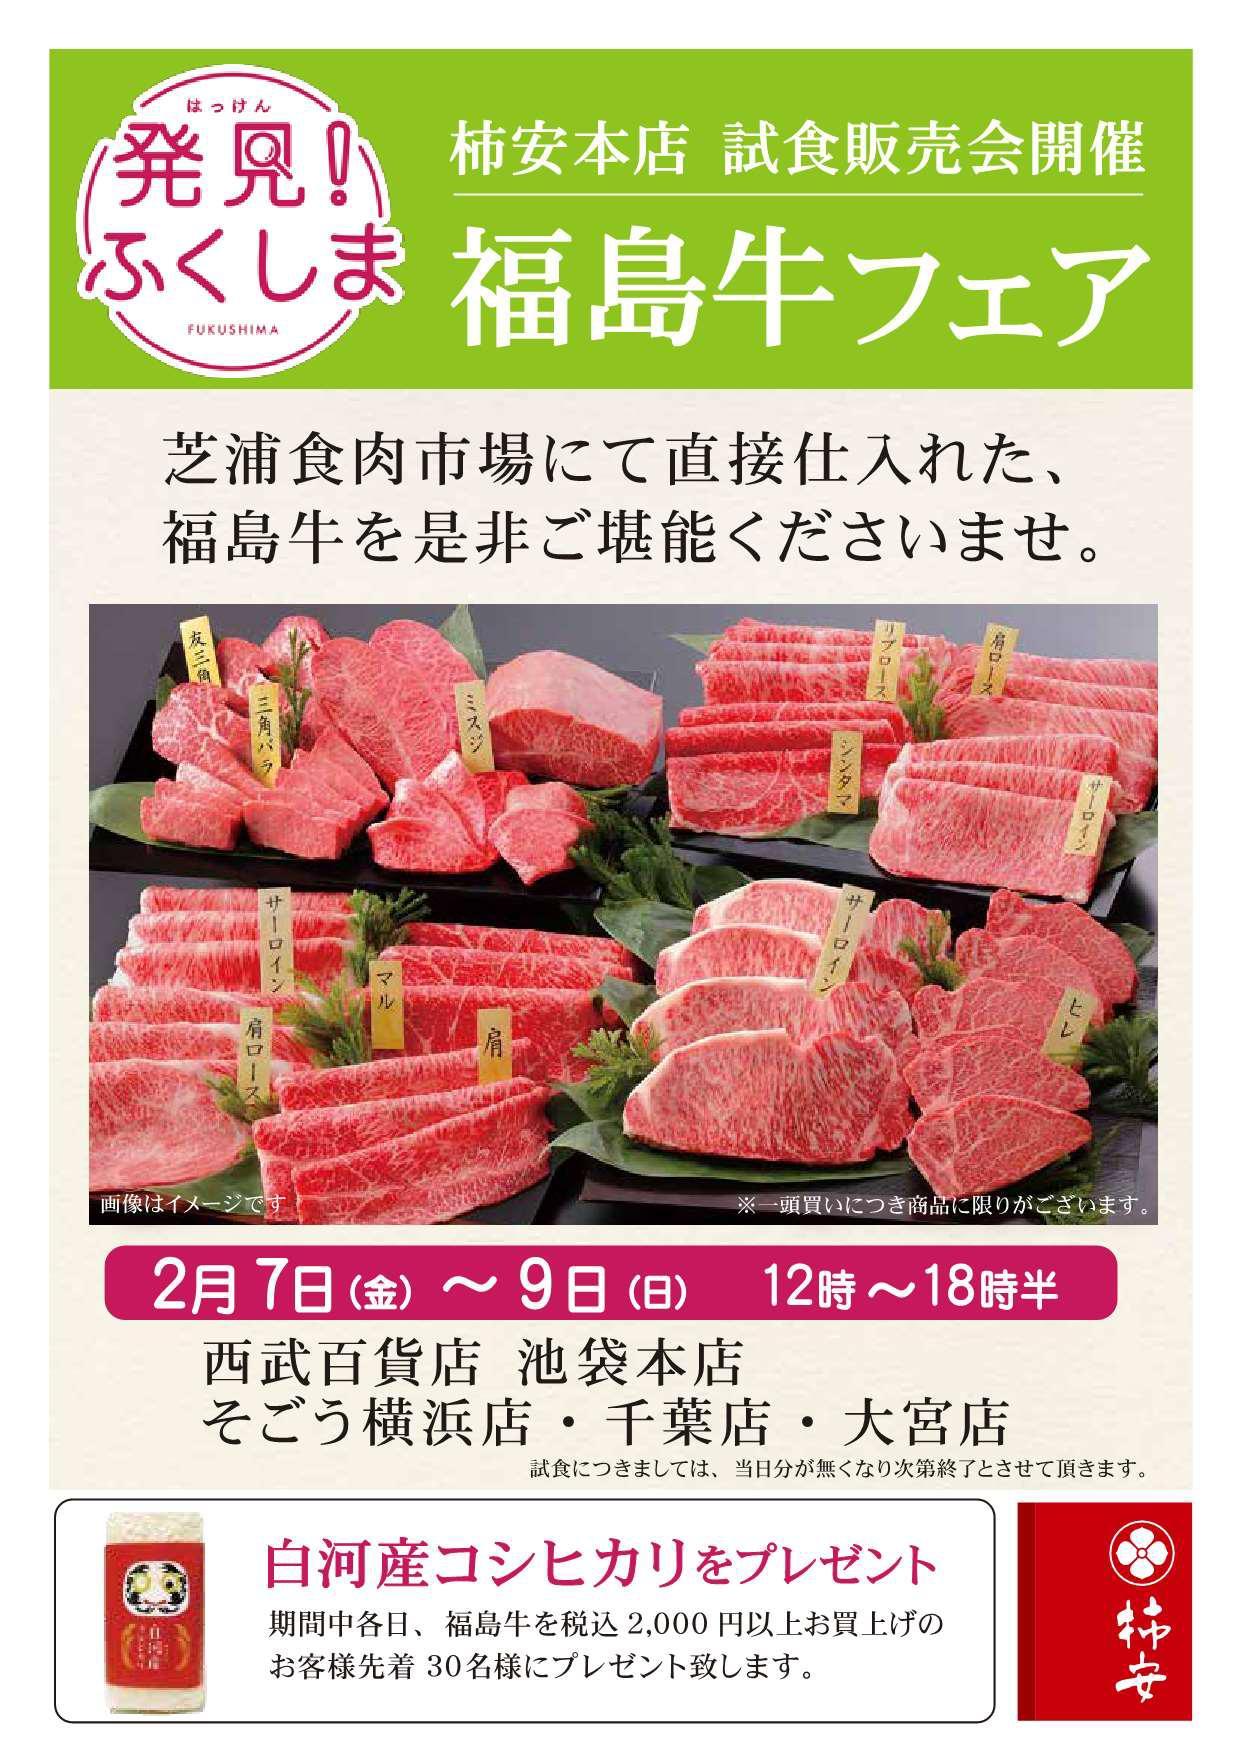 2月 そごう西武福島牛フェア告知POP.jpg